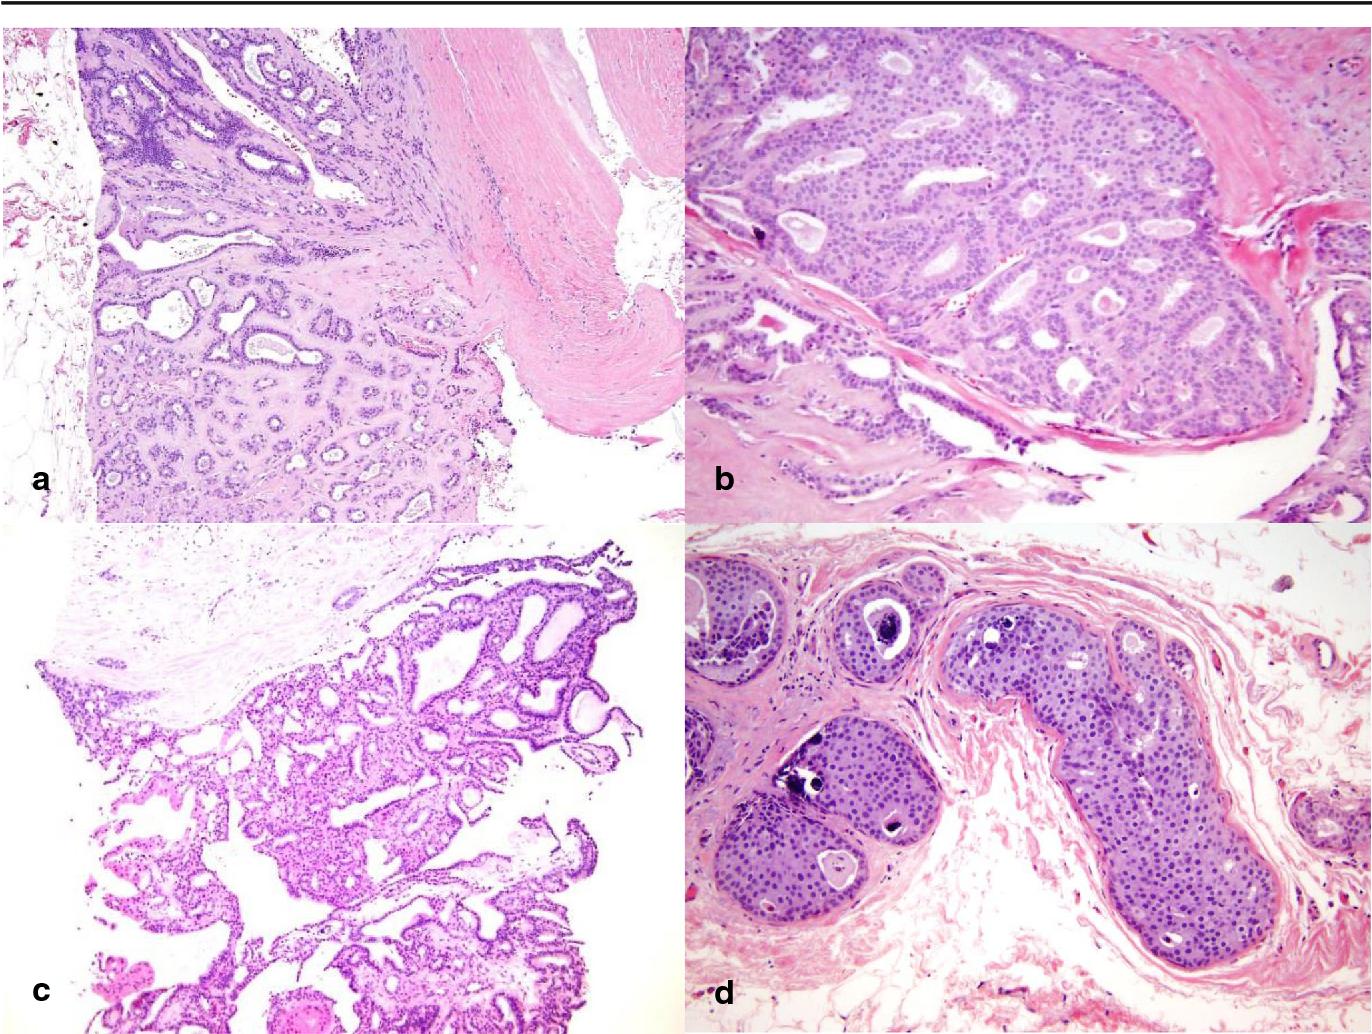 Rezultate bacalaureat dupa nume, Papiloma fibroepitelial benigno